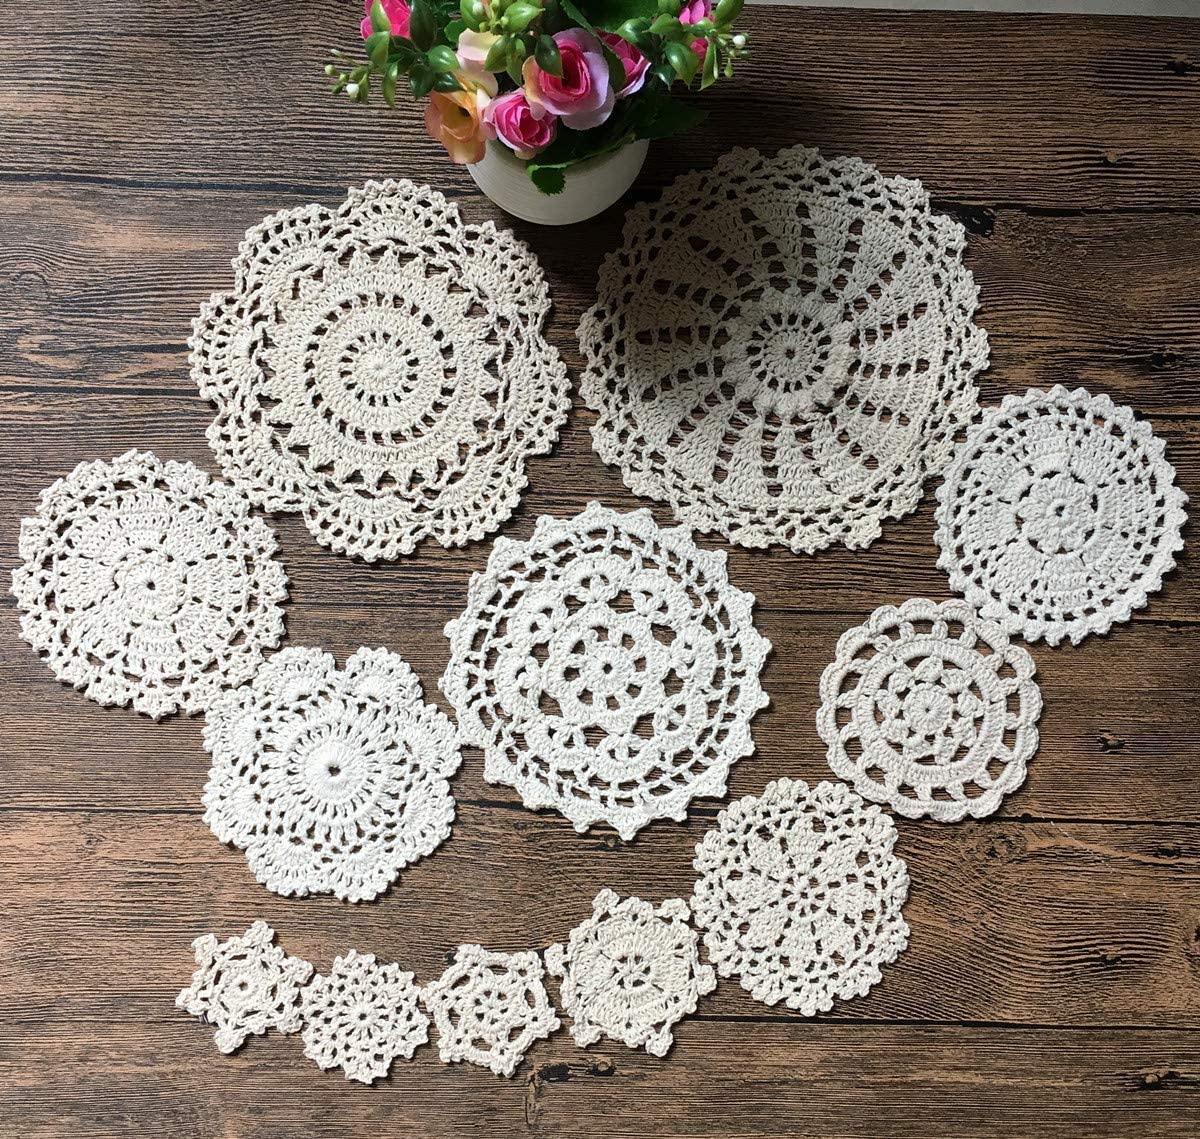 MindPlus 24Pcs 100% Cotton Hand Made Crochet Doilies Cup Mat Pad Coaster 12 Vintage Crochet Motifs 2-7 inches Round Beige (24pcs beige)